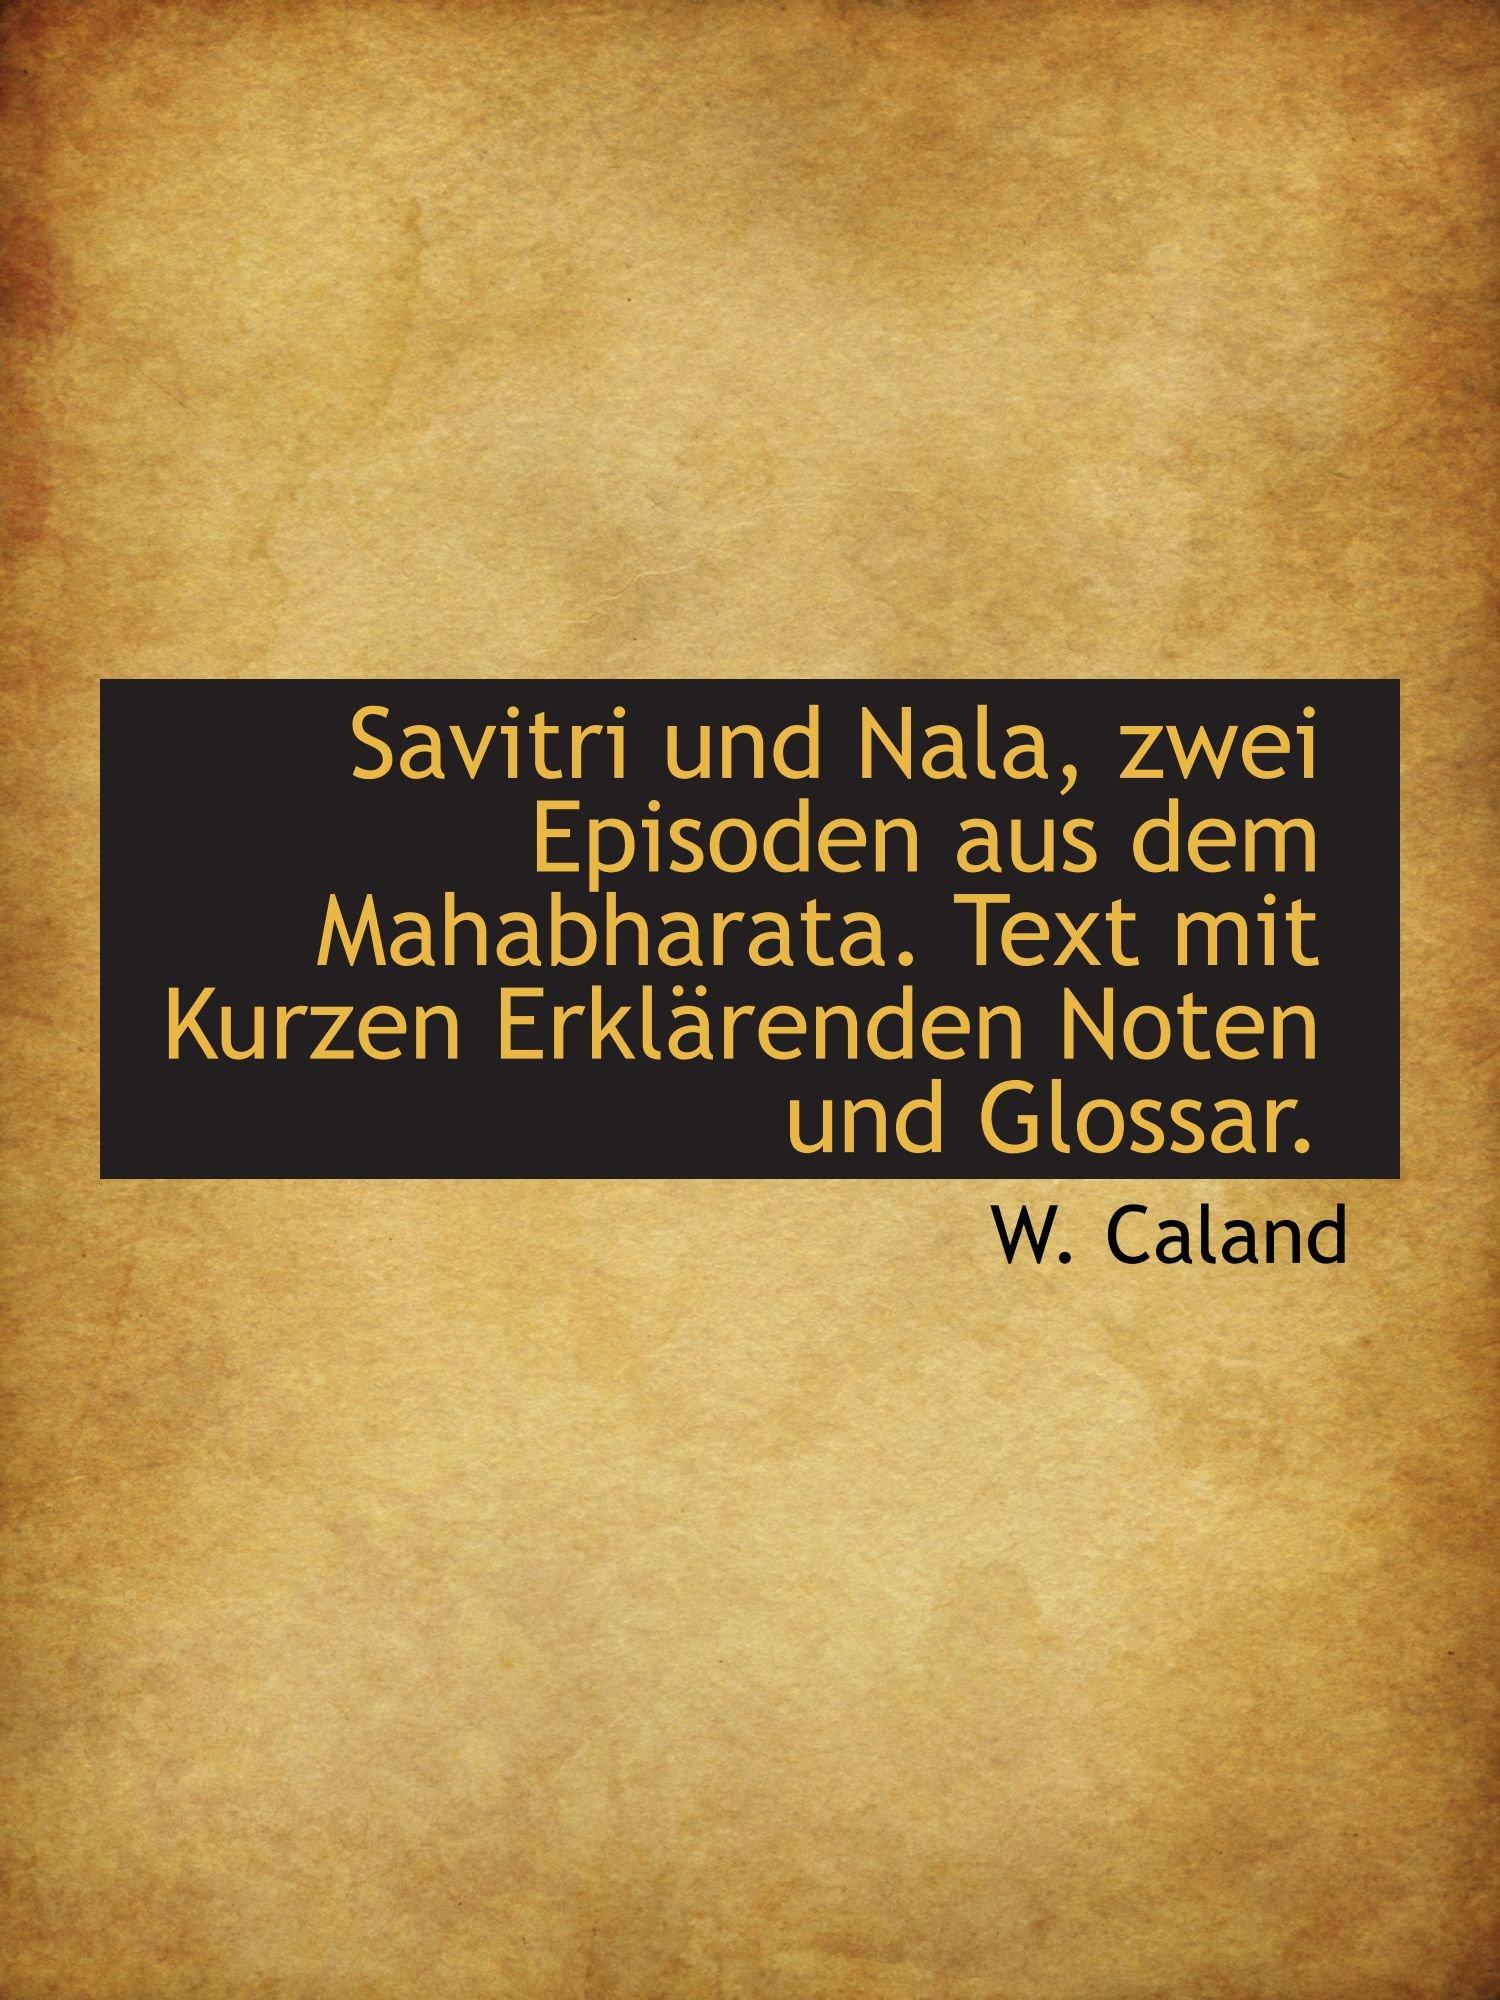 Download Savitri und Nala, zwei Episoden aus dem Mahabharata. Text mit Kurzen Erklärenden Noten und Glossar. (German Edition) pdf